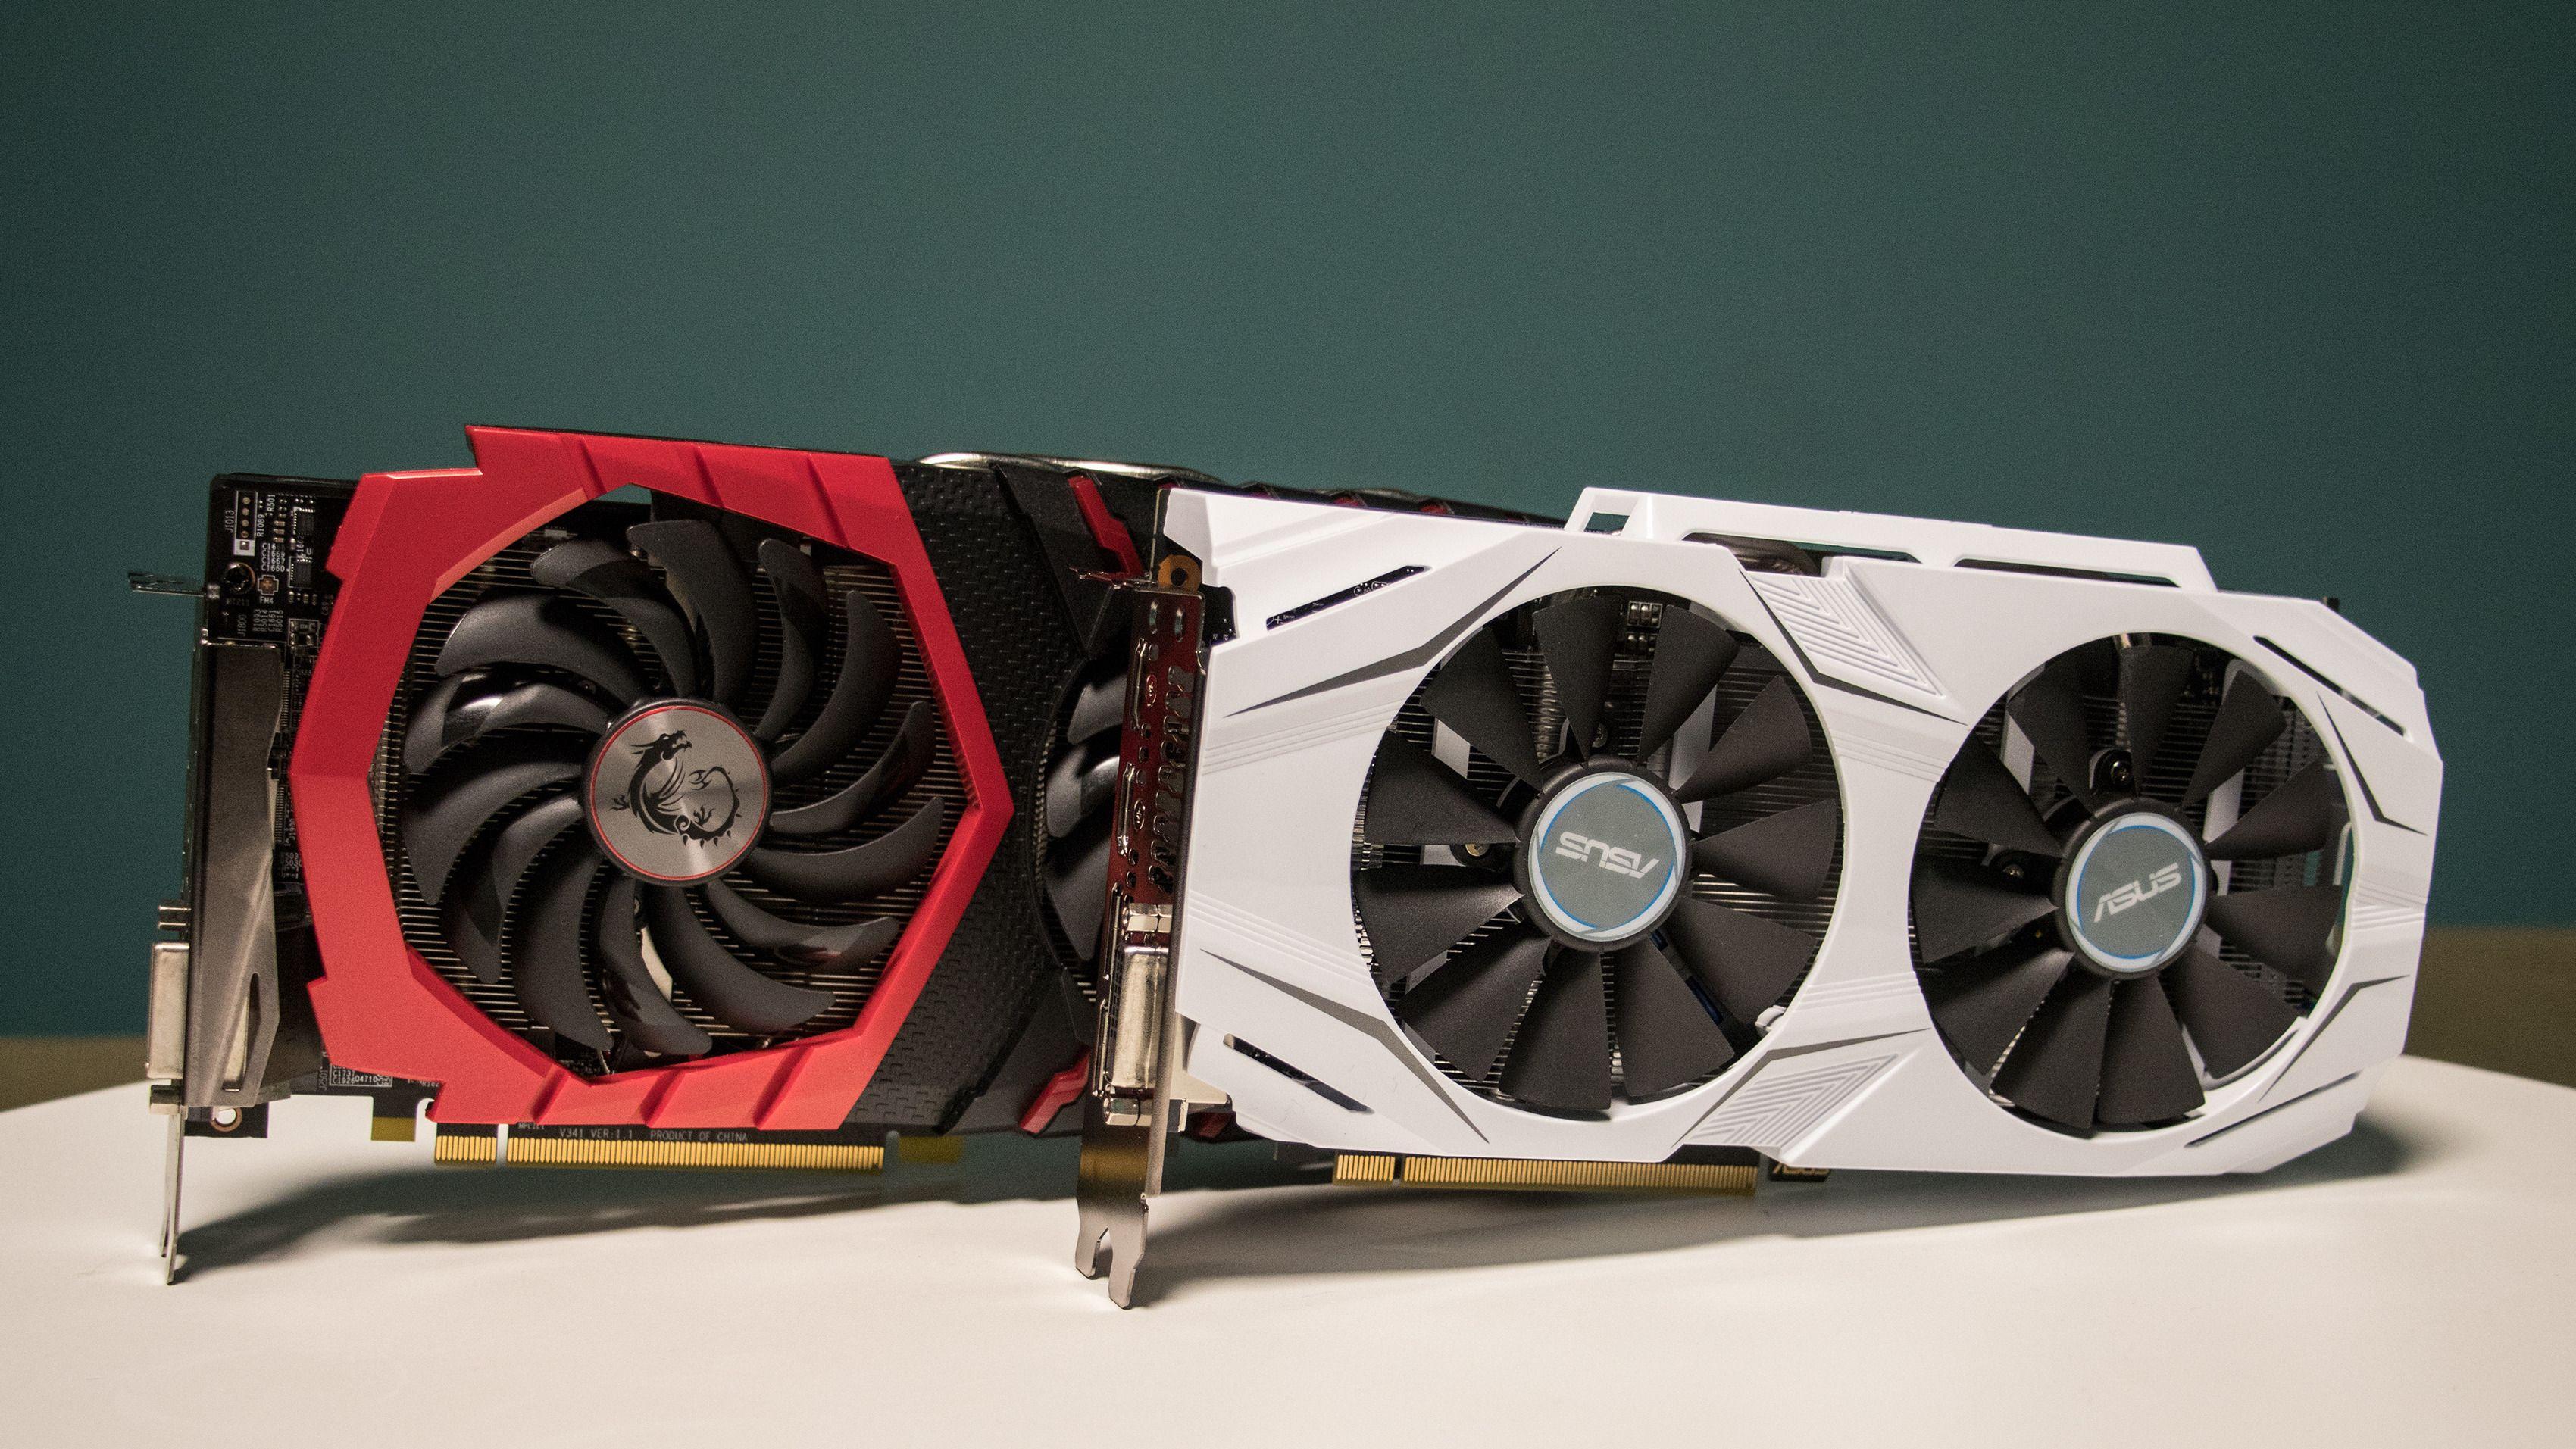 Hvilket av «MSI RX 480 4GB Gaming X» og «Asus GTX 1060 3GB Dual OC» bør du investere i?